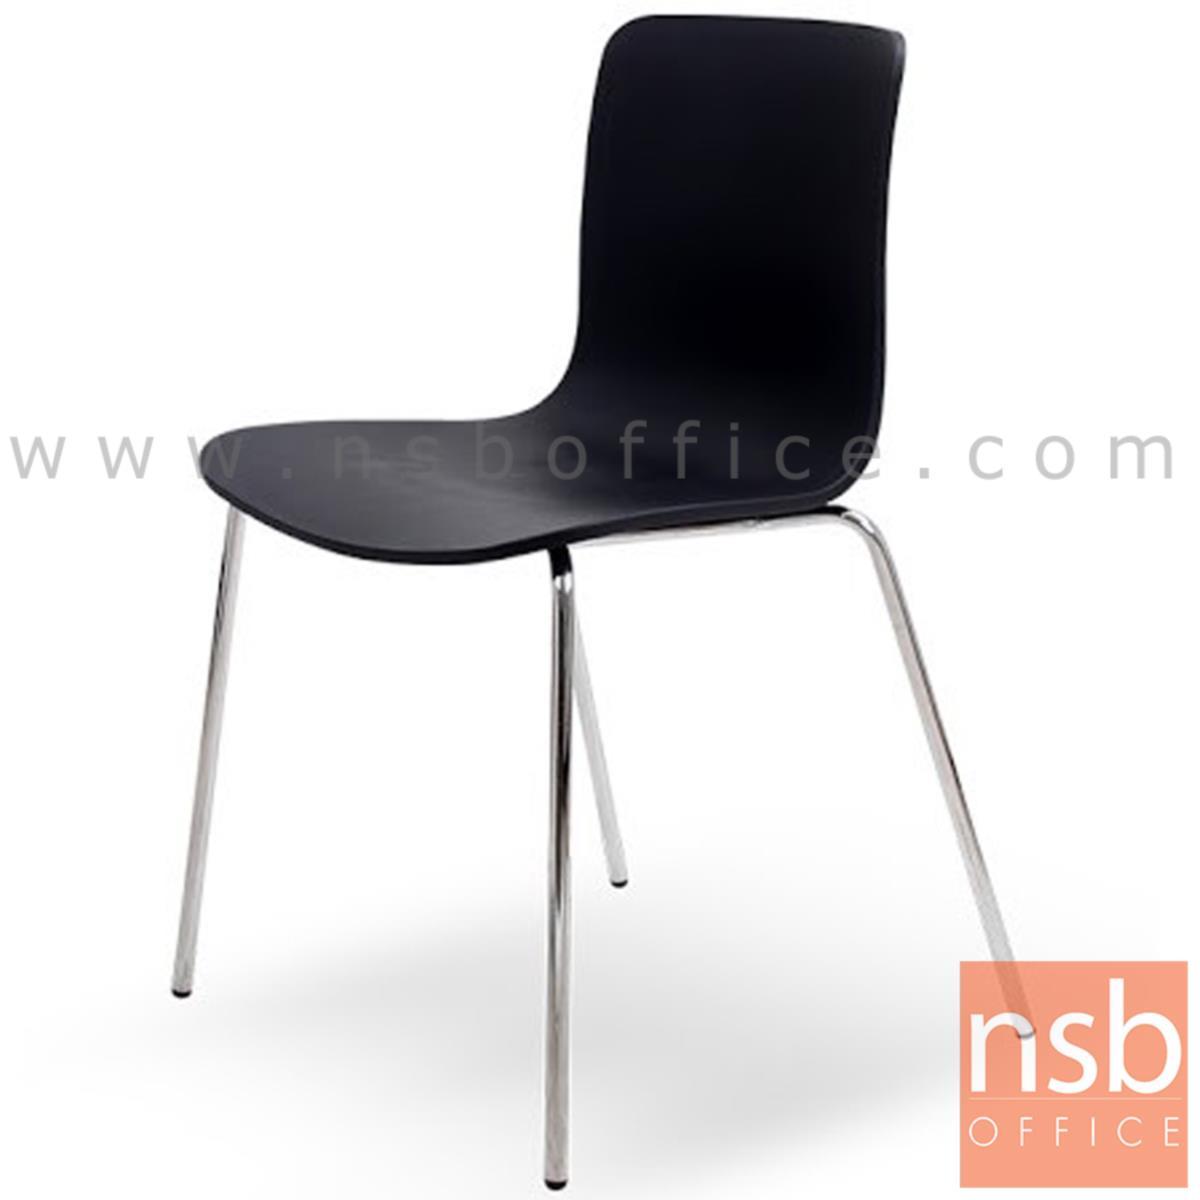 B20A107:เก้าอี้อเนกประสงค์ไม้ดัด รุ่น  Elder (เอลเดอร์)  ขาเหล็กชุบโครเมี่ยม